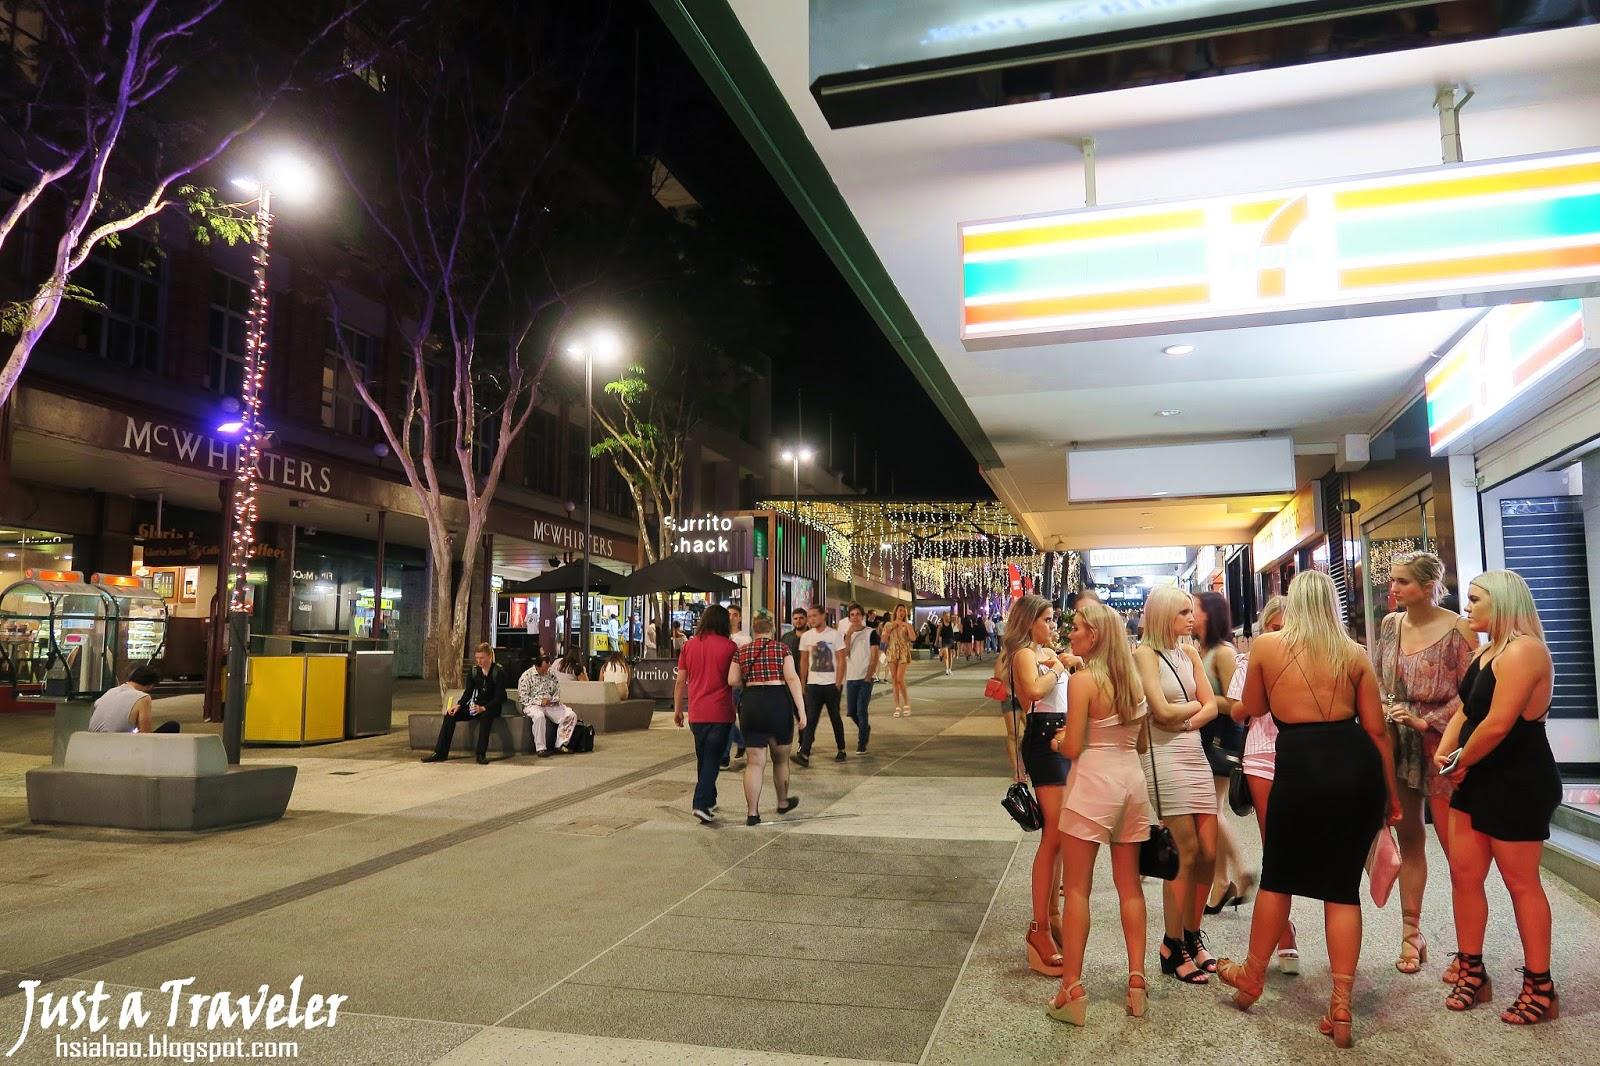 布里斯本-景點-推薦-美食-中國城-旅遊-自由行-澳洲-Brisbane-Fortitude-Valley-Tourist-Attraction-Food-Travel-Australia